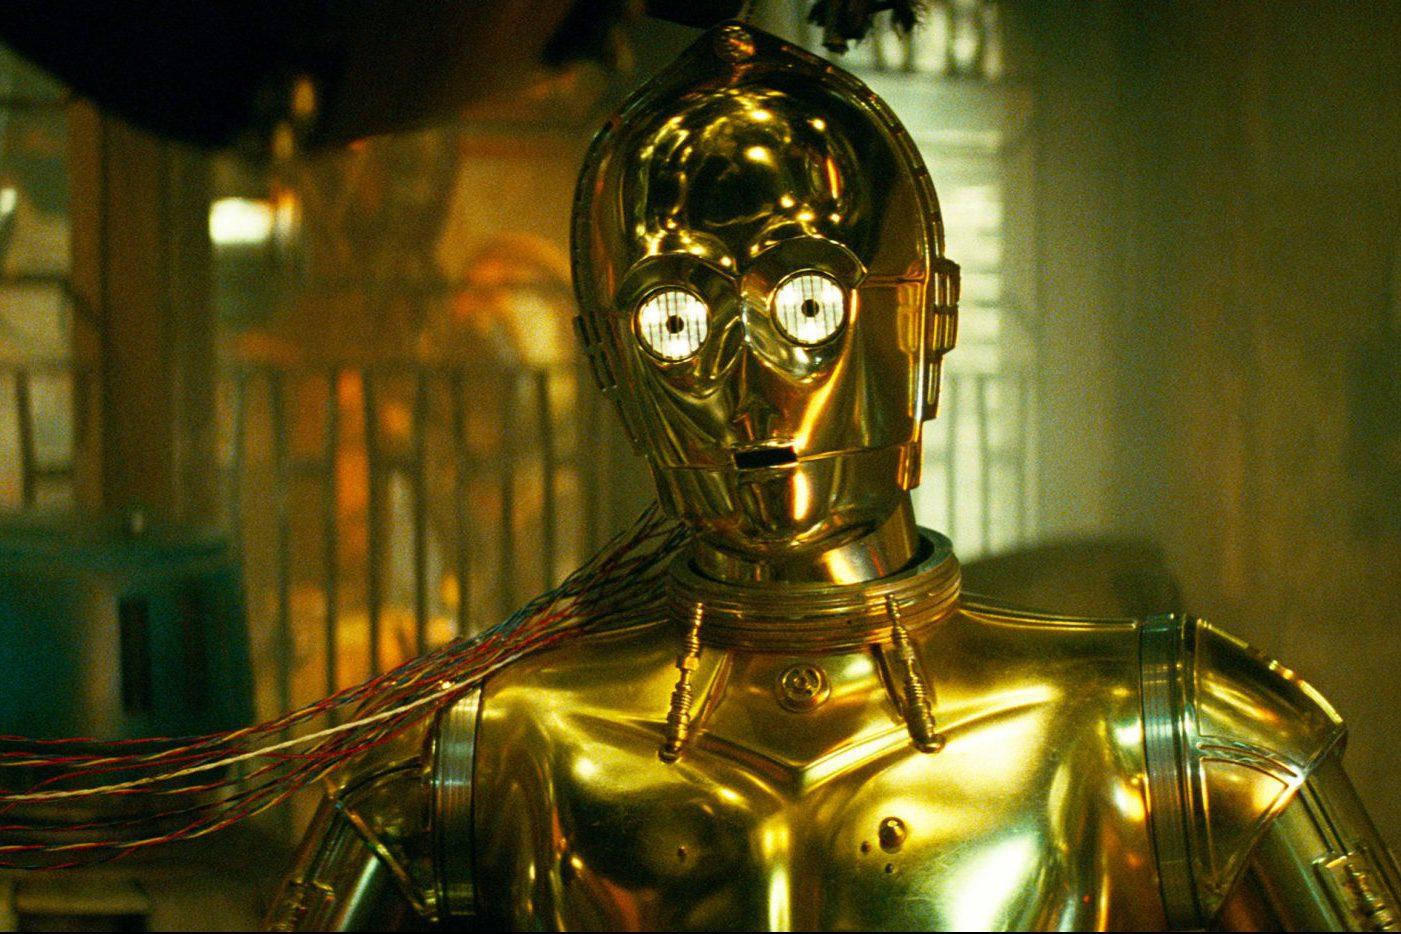 star wars may the fourth C-3PO - URWERK UR-100 GOLD EDITION